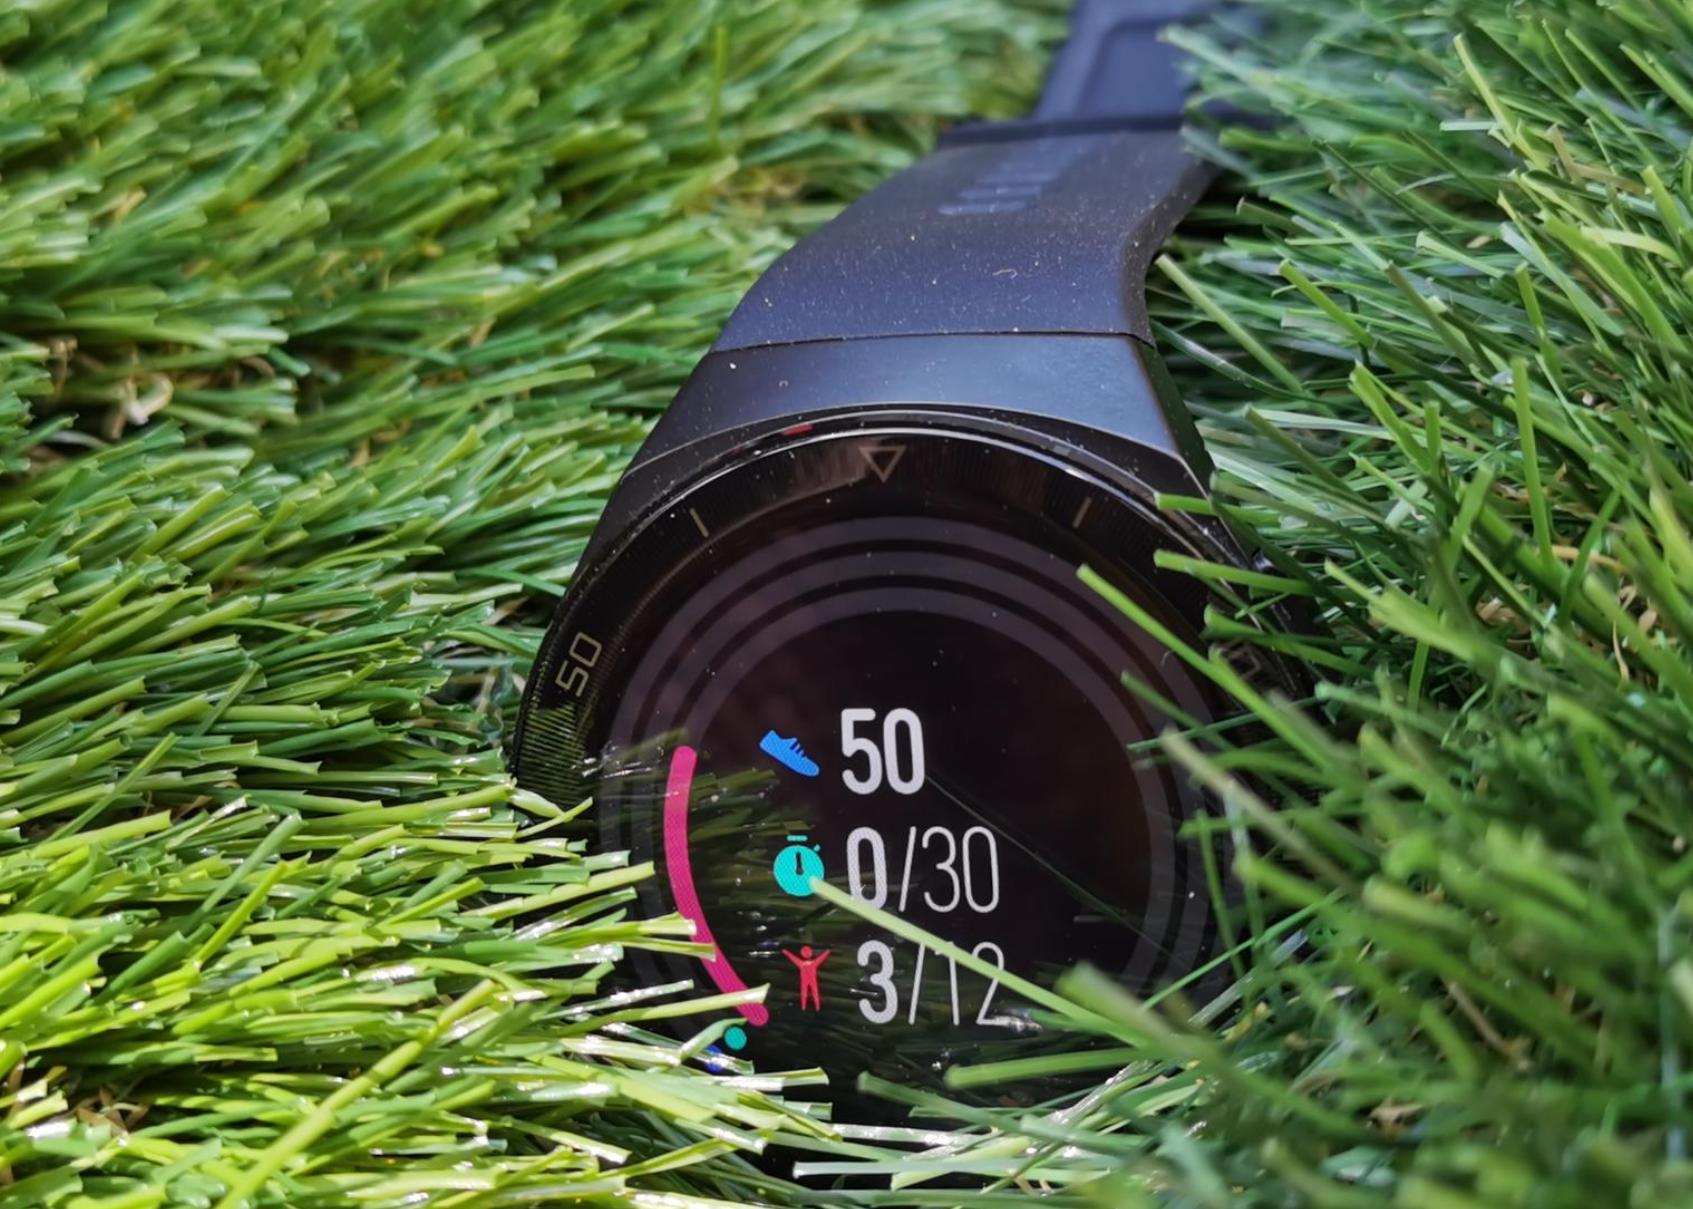 围观!五大最佳智能手表:性能强悍 全场欢呼 智能手表的实力派